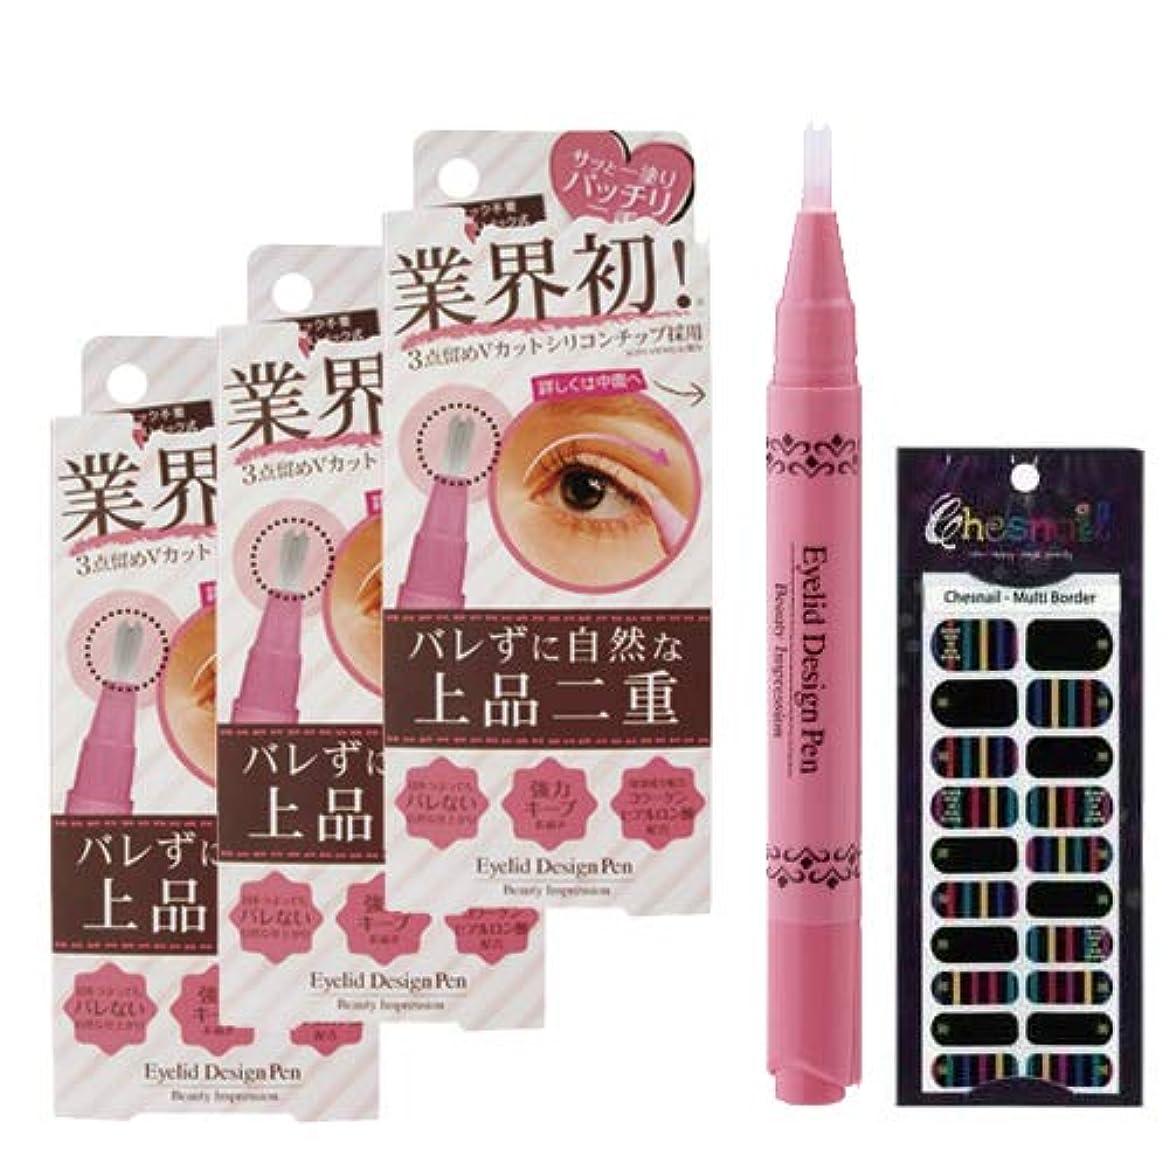 どれ協同キャリッジBeauty Impression アイリッドデザインペン 2ml (二重まぶた形成化粧品) ×3個 + チェスネイル(マルチボーダー)セット